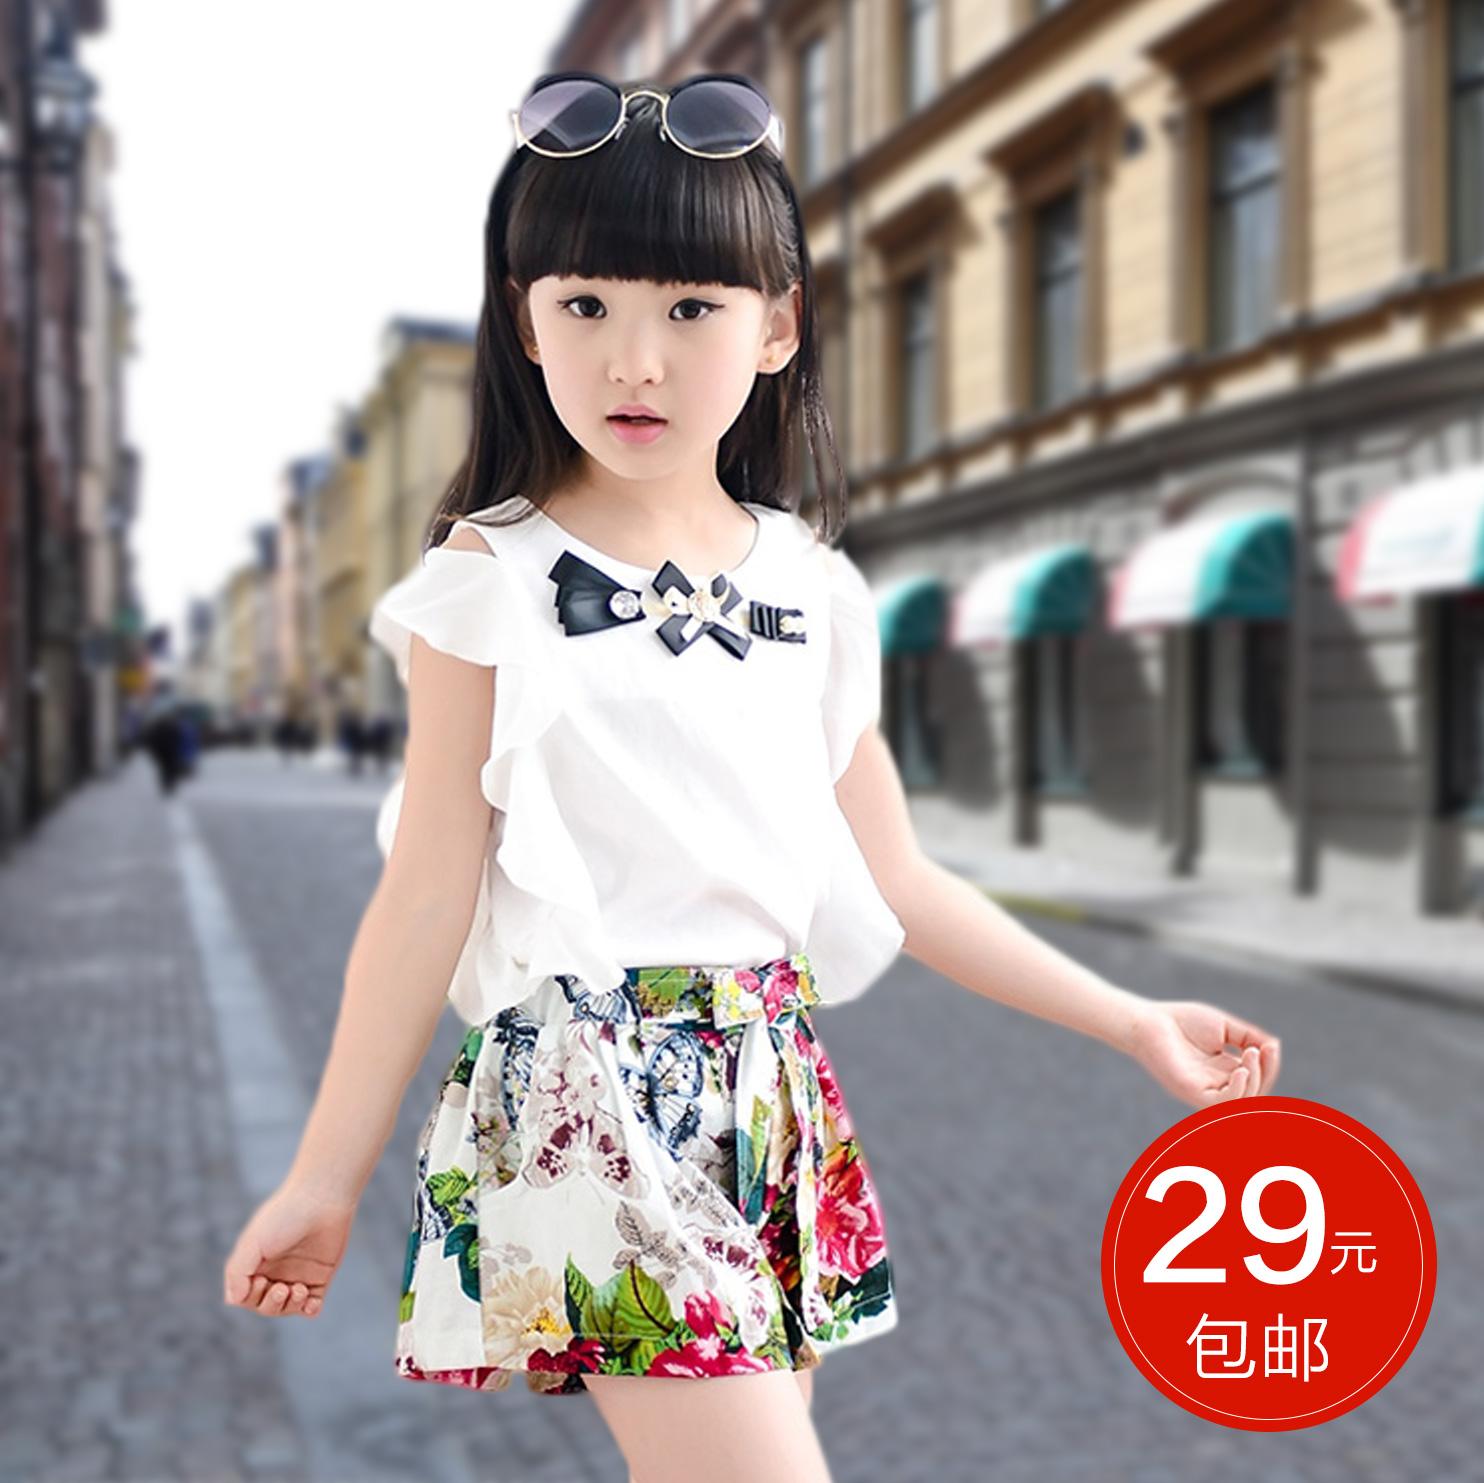 童装女童2016新款夏装韩版潮儿童衣服中大童短袖休闲两件套装夏季